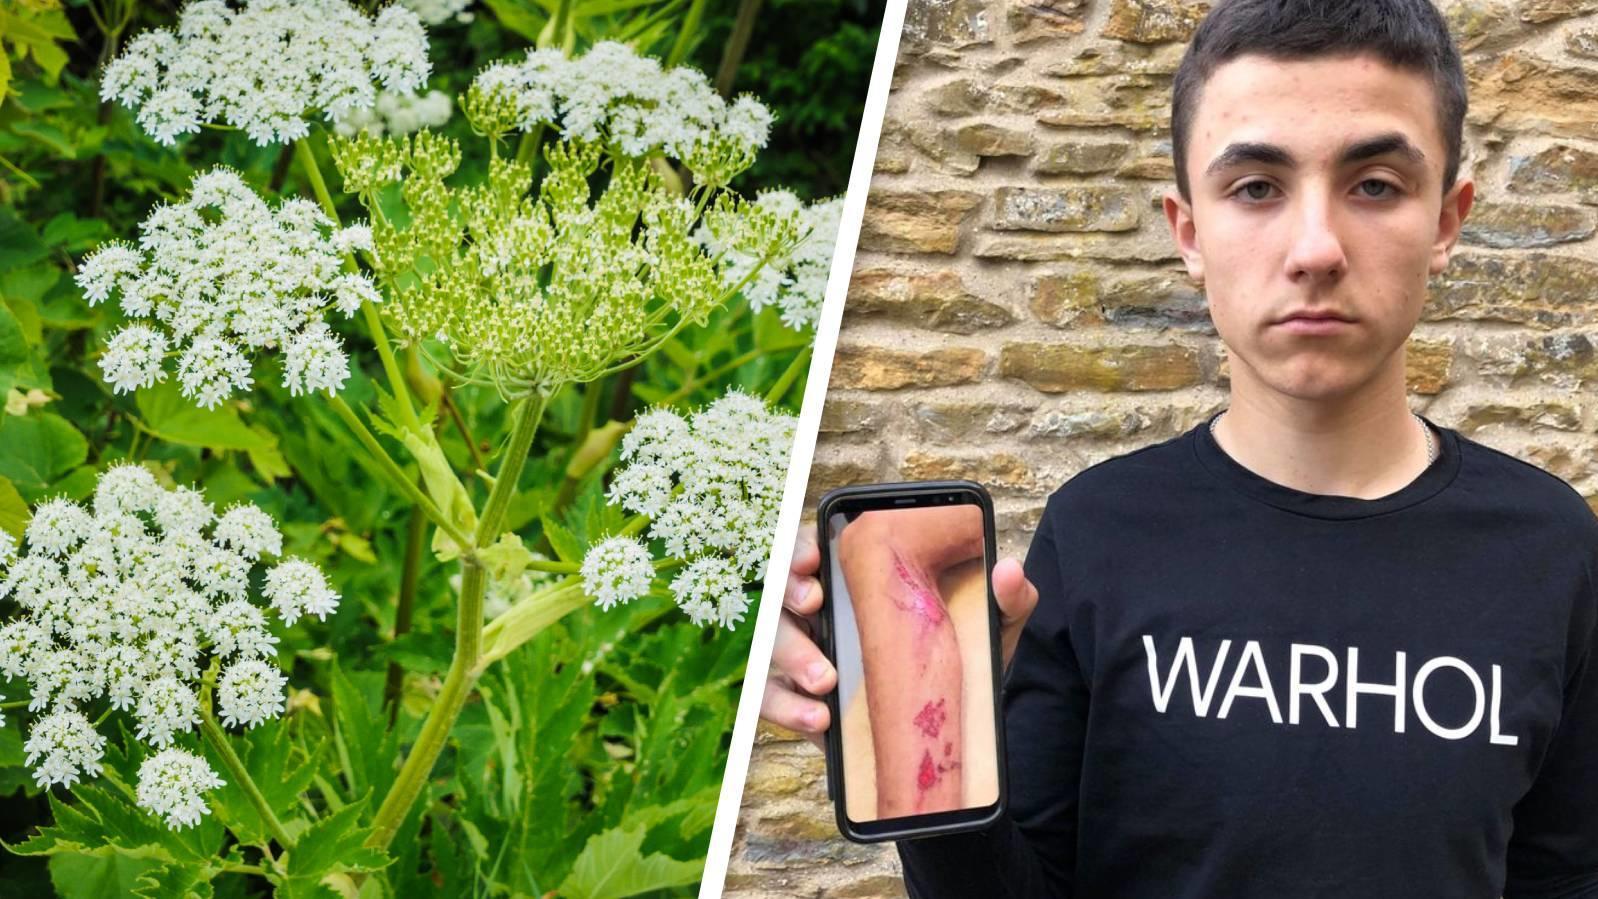 Der 16-jährige Alex erlitt durch den Kontakt mit Bärenklau schlimme Verbrennungen.